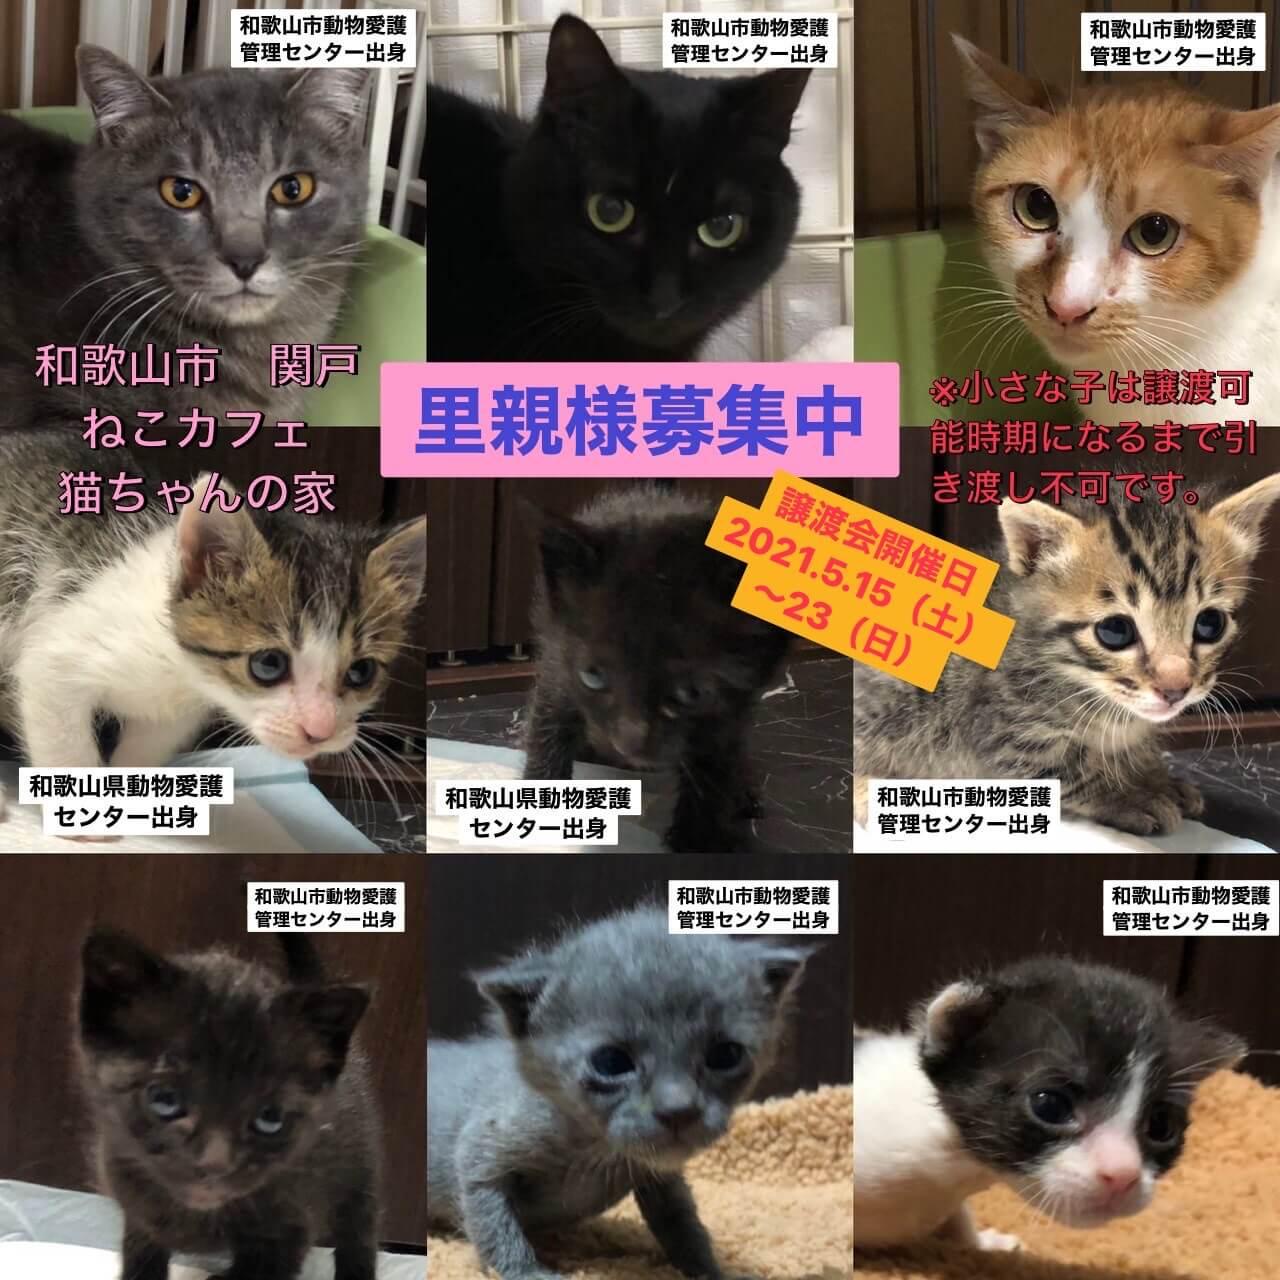 愛護センター出身の猫ちゃん達の譲渡会です!